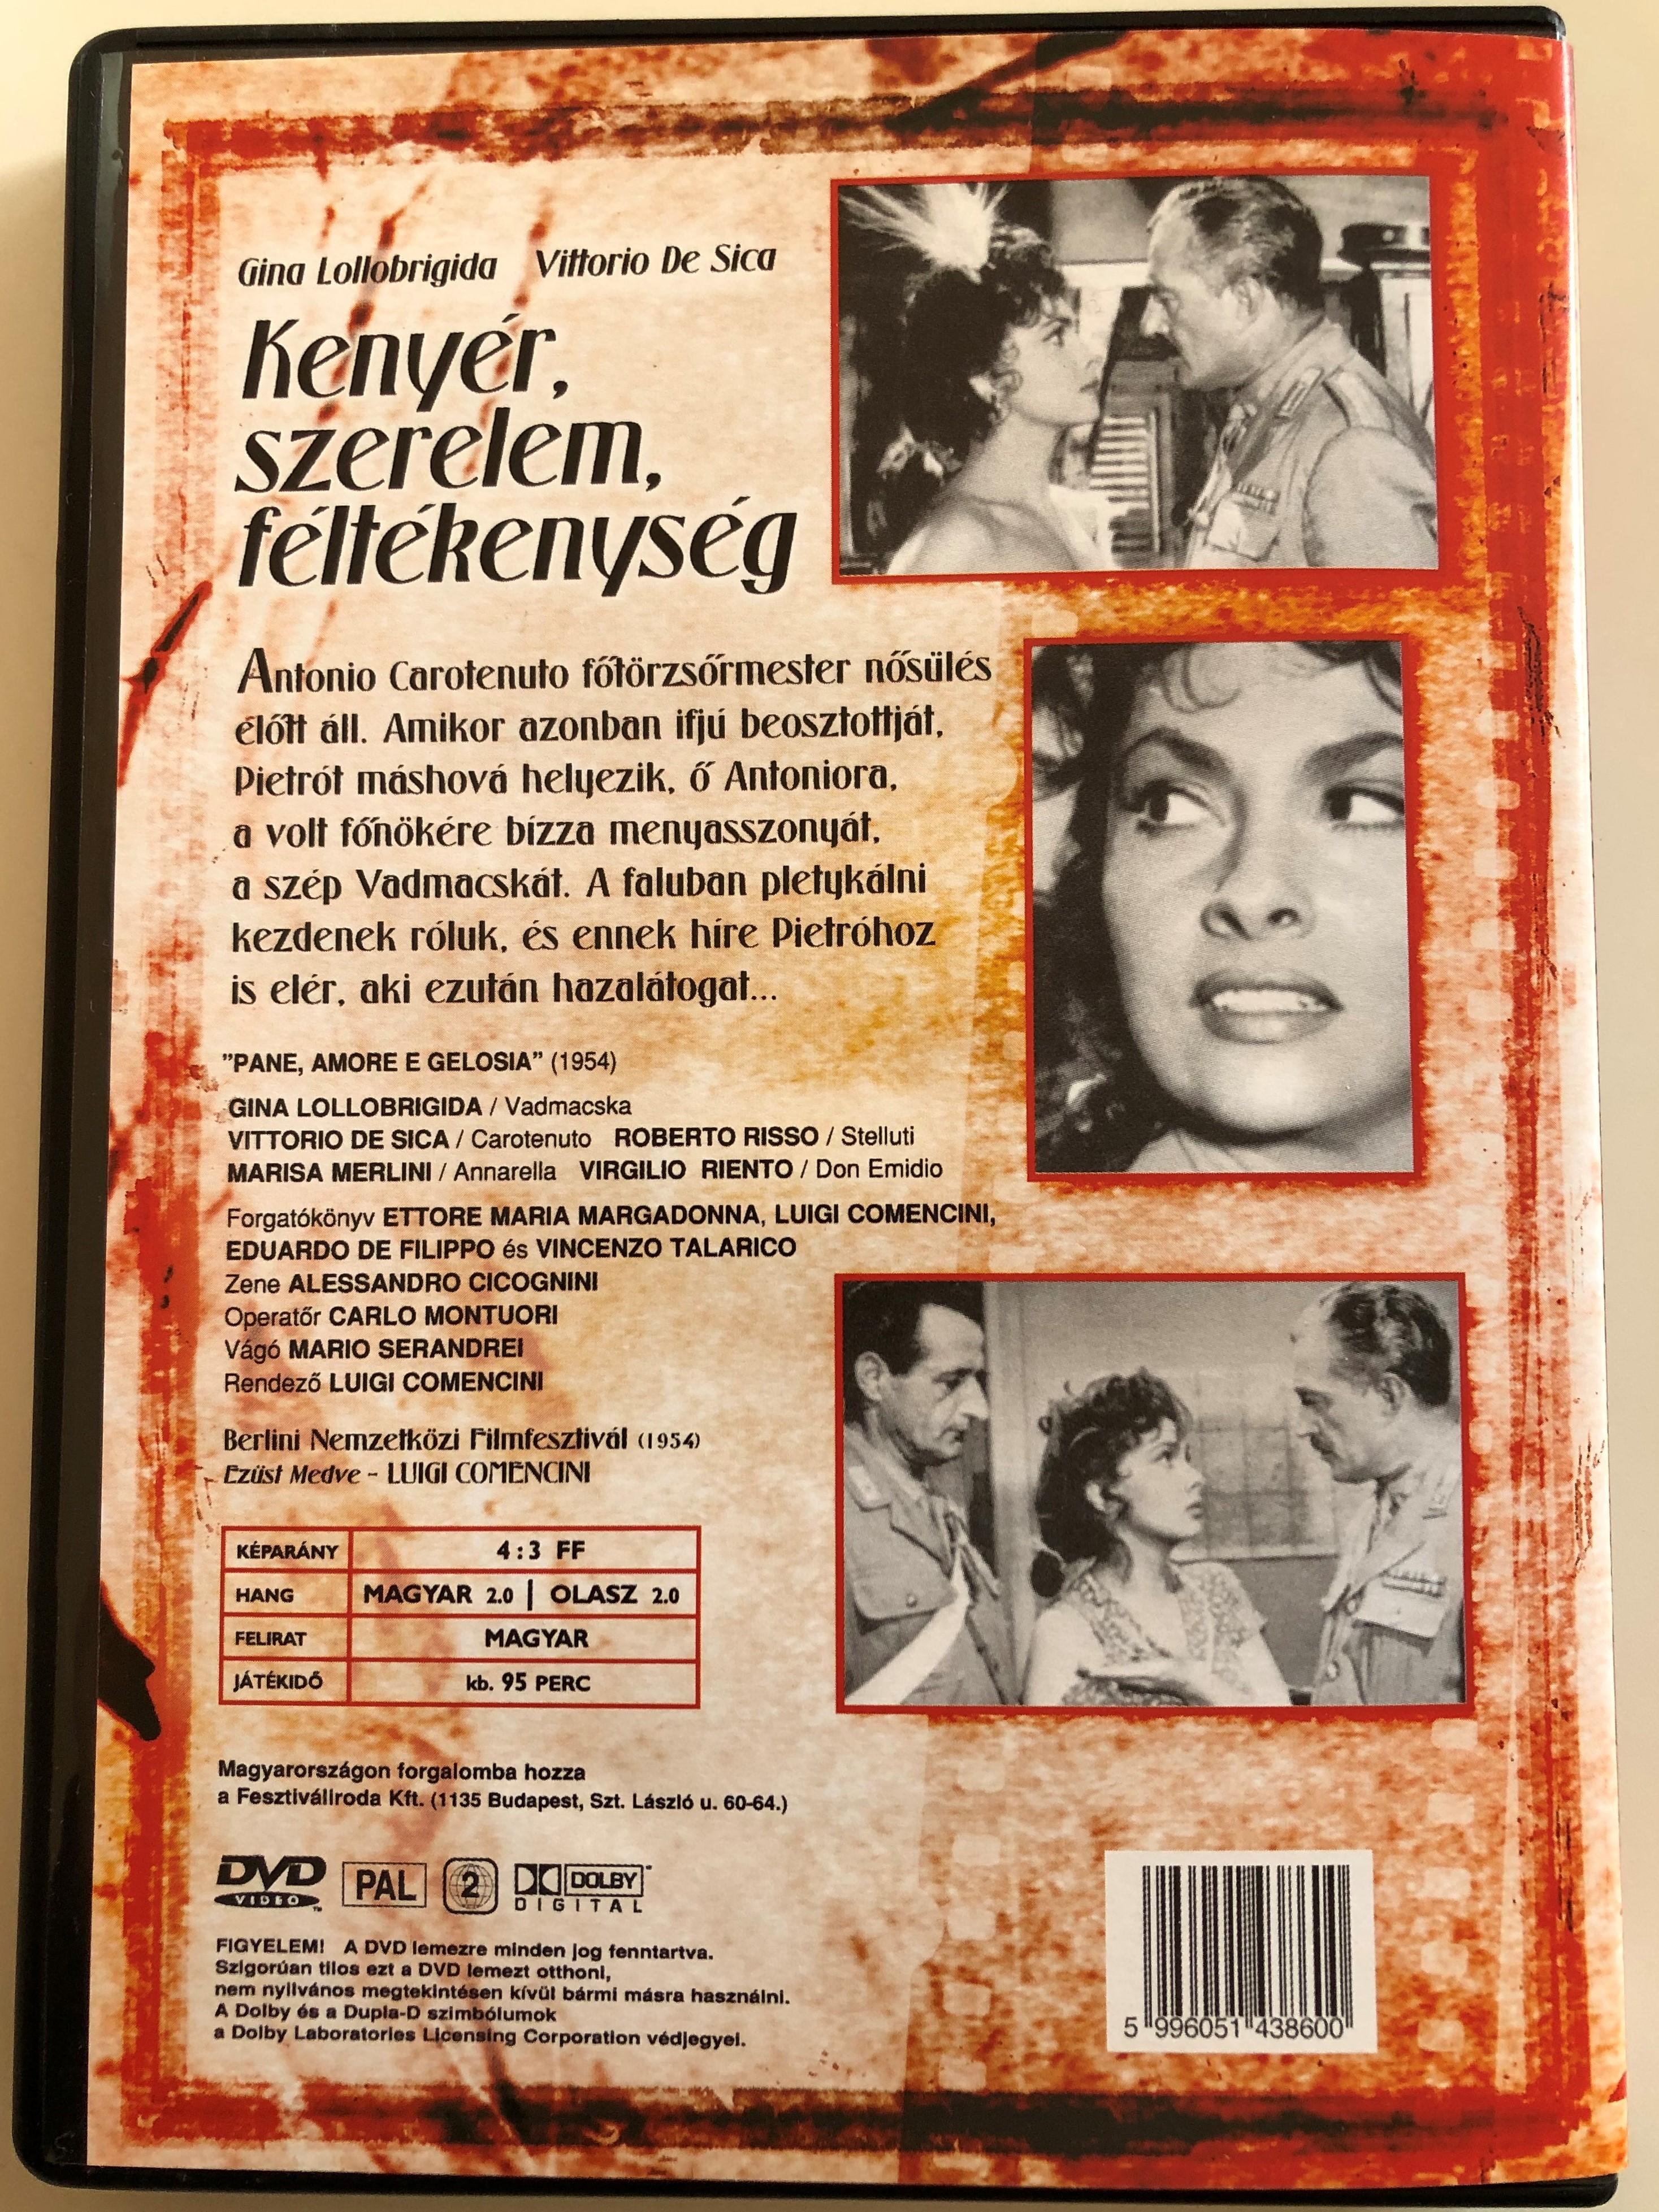 pane-amore-e-gelosia-dvd-1954-keny-r-szerelem-f-lt-kenys-g-2.jpg